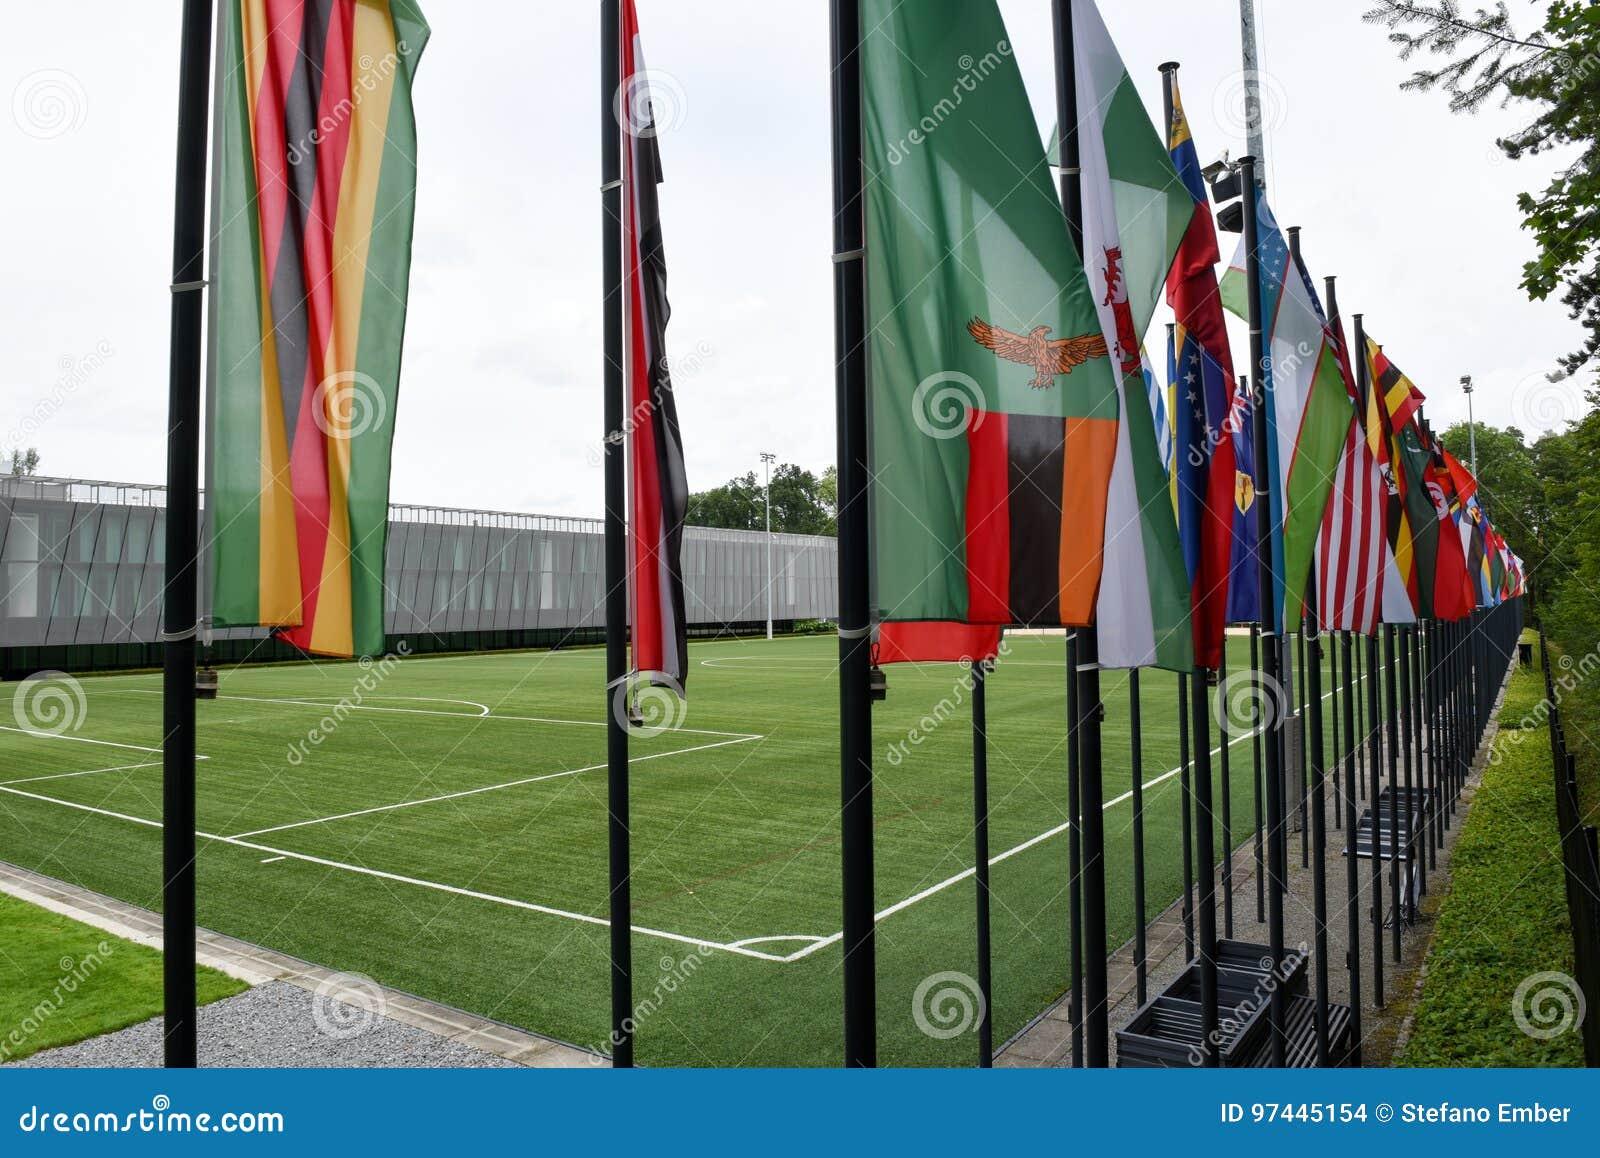 Headquarters of FIFA at Zurich on Switzerland